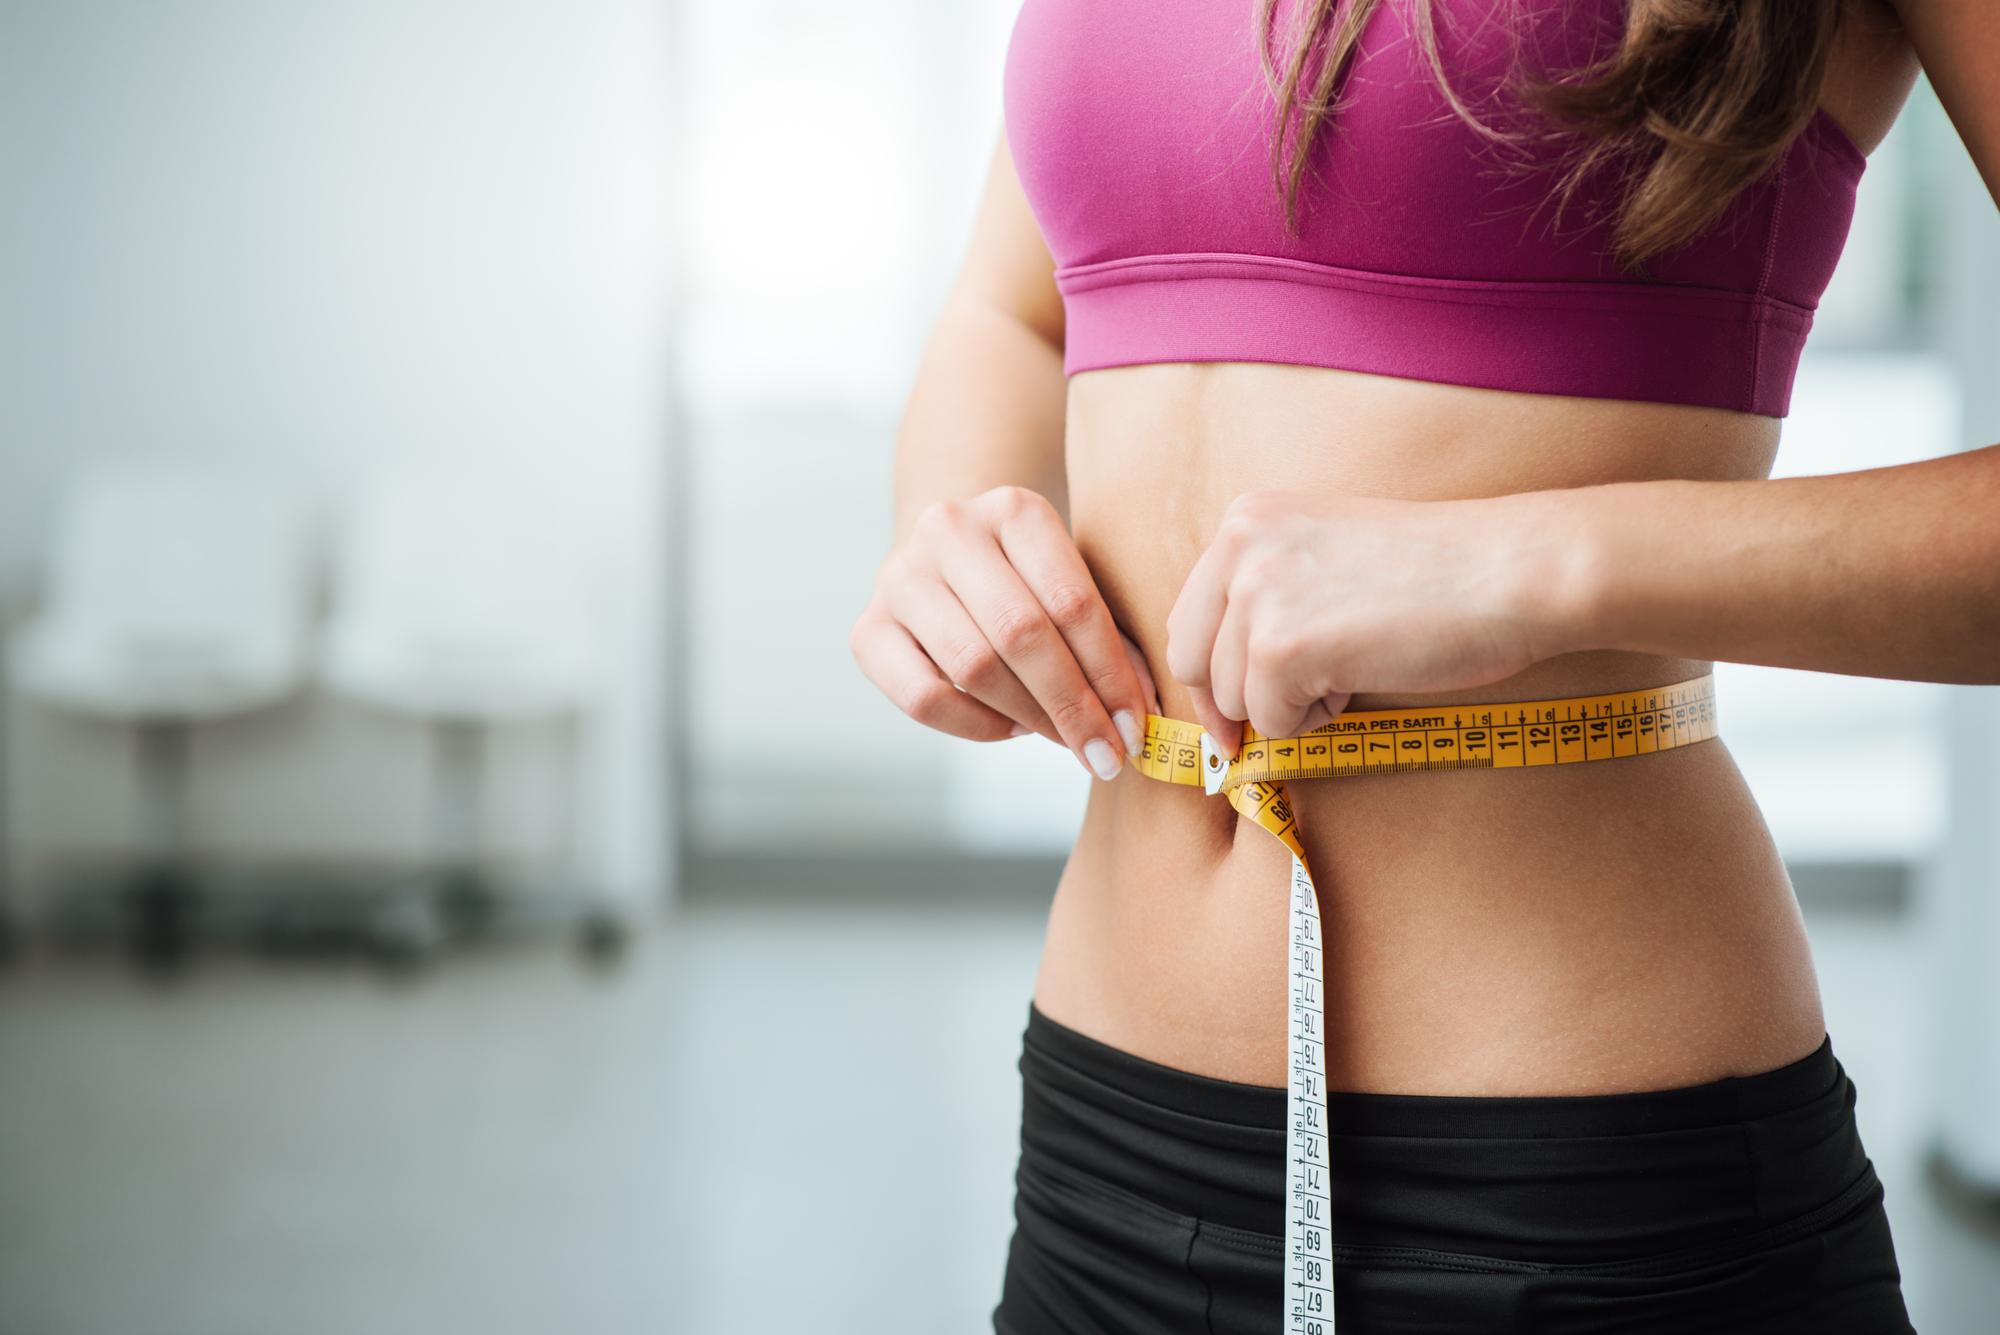 Dieta pudełkowa - sposób, aby zrzucić zbędne kilogramy